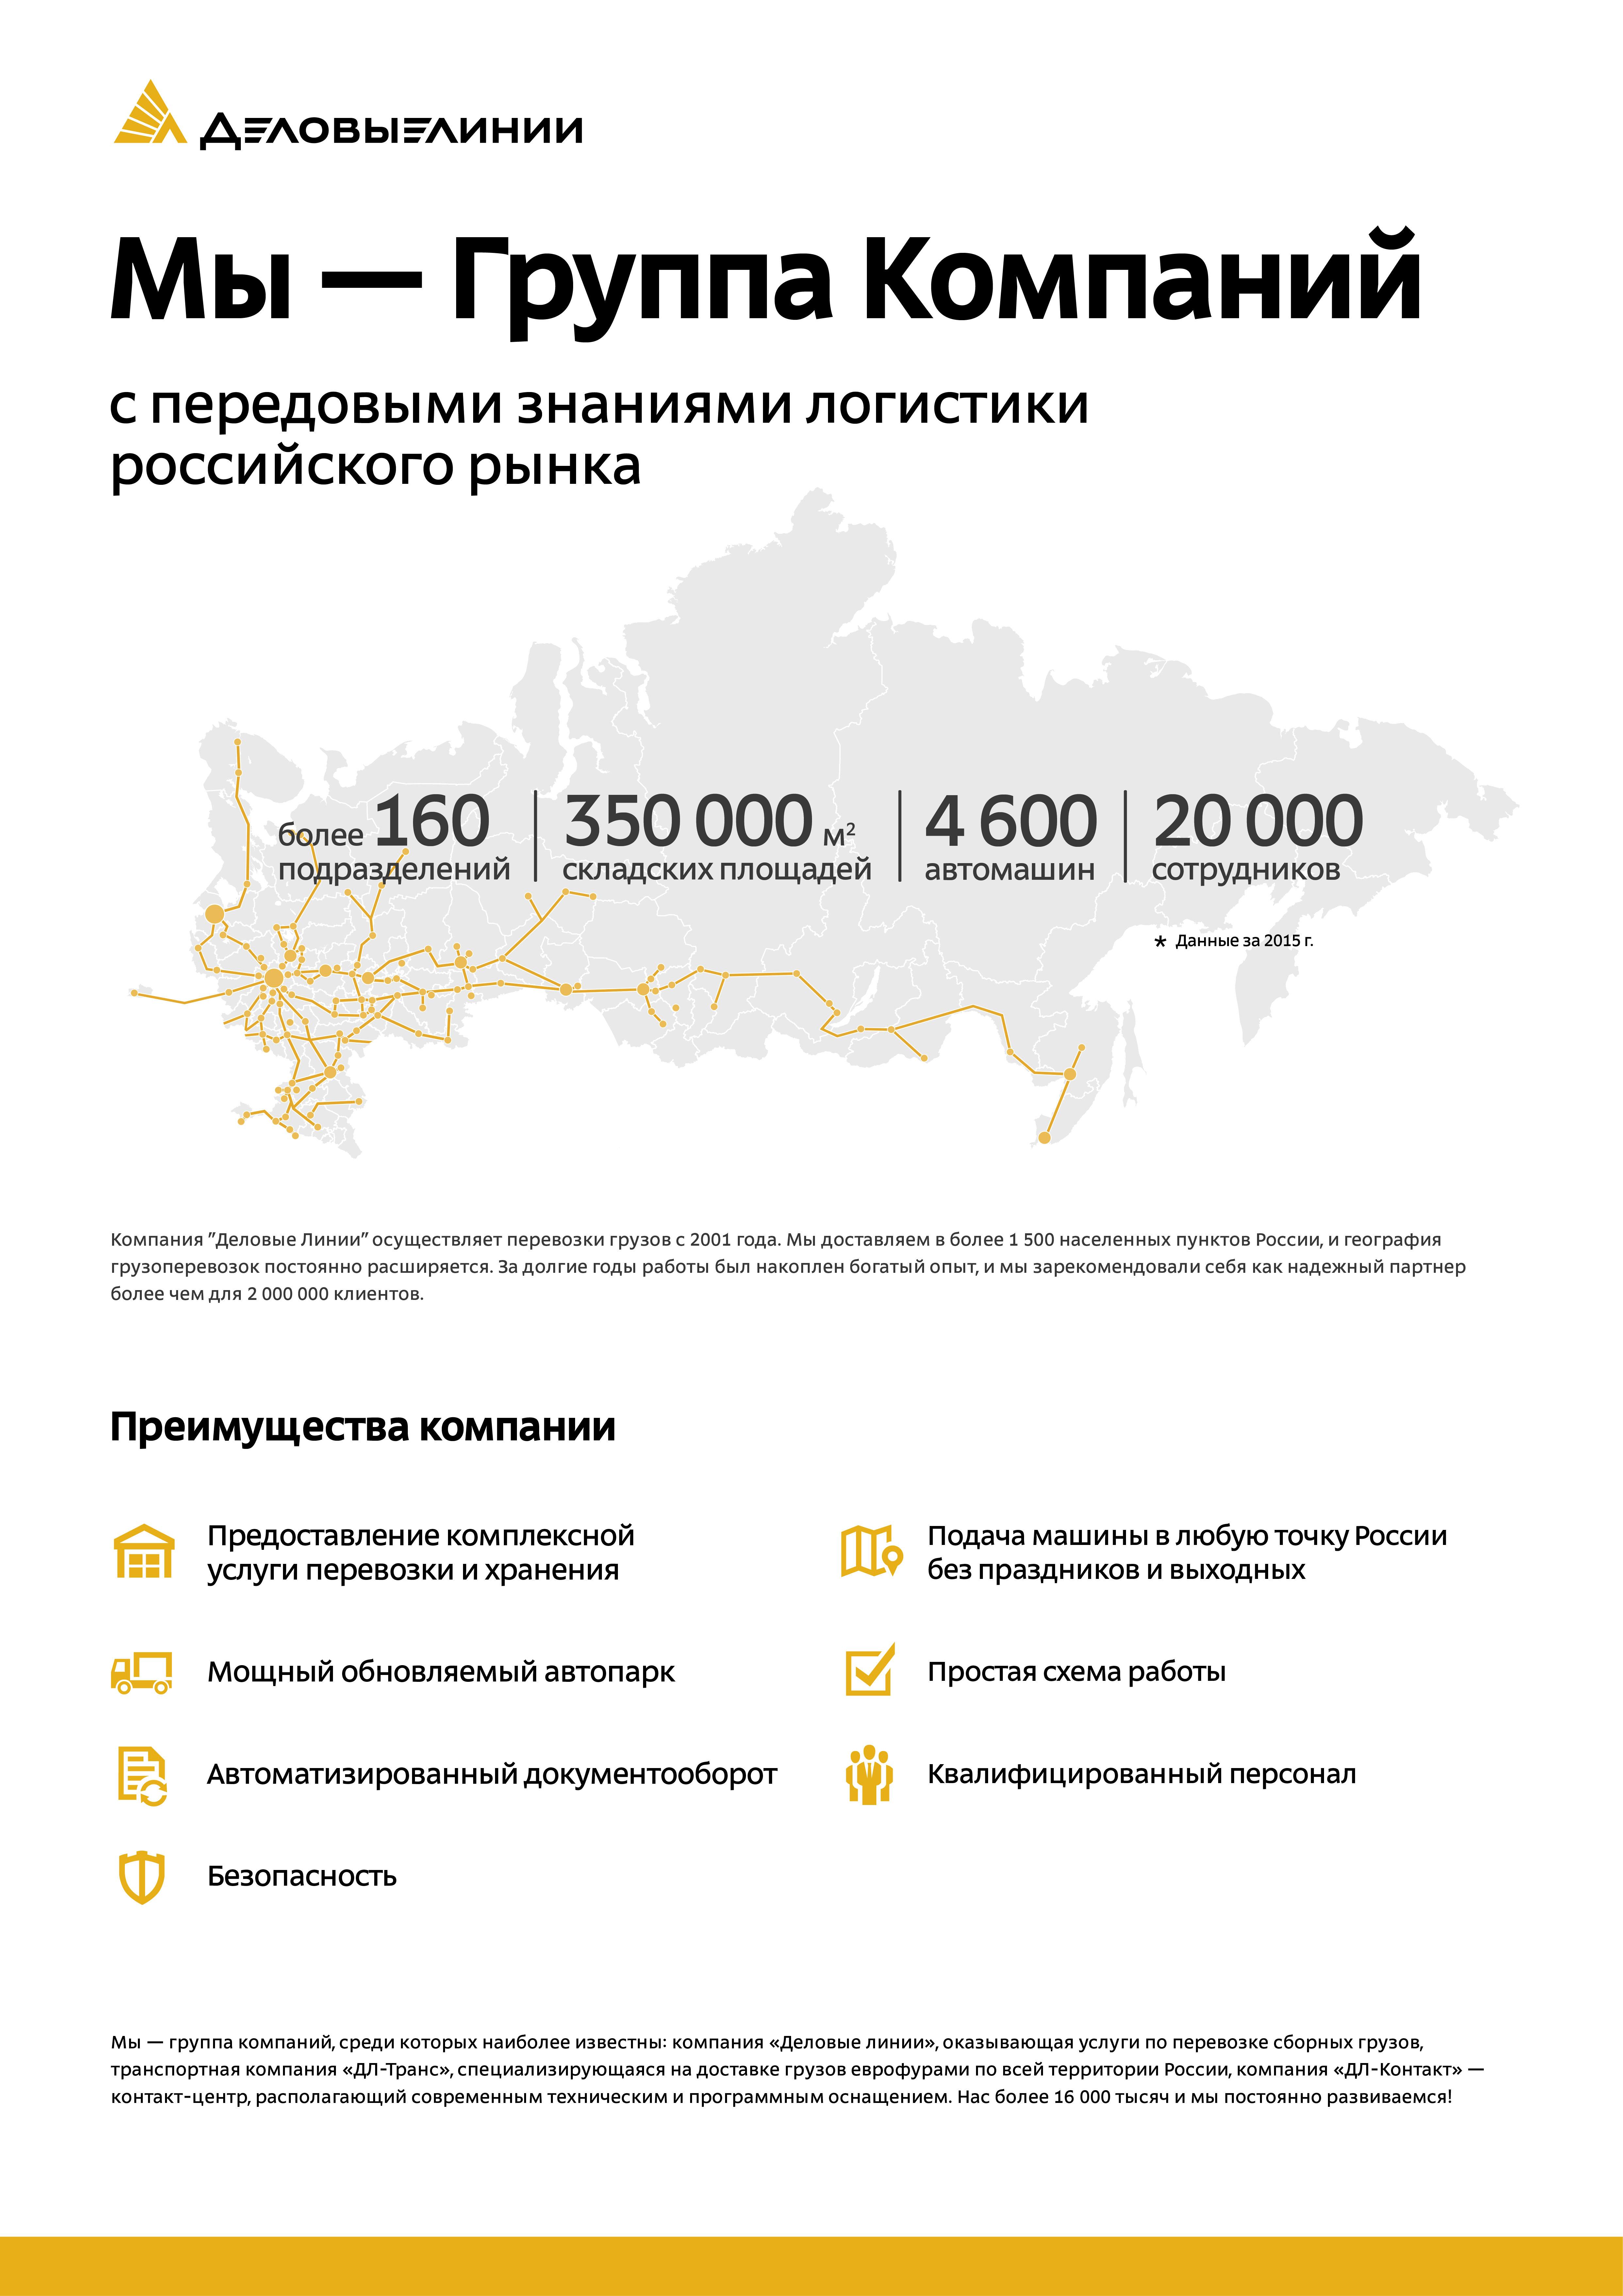 Плакат Деловые Линии «Мы - Группа Компаний»